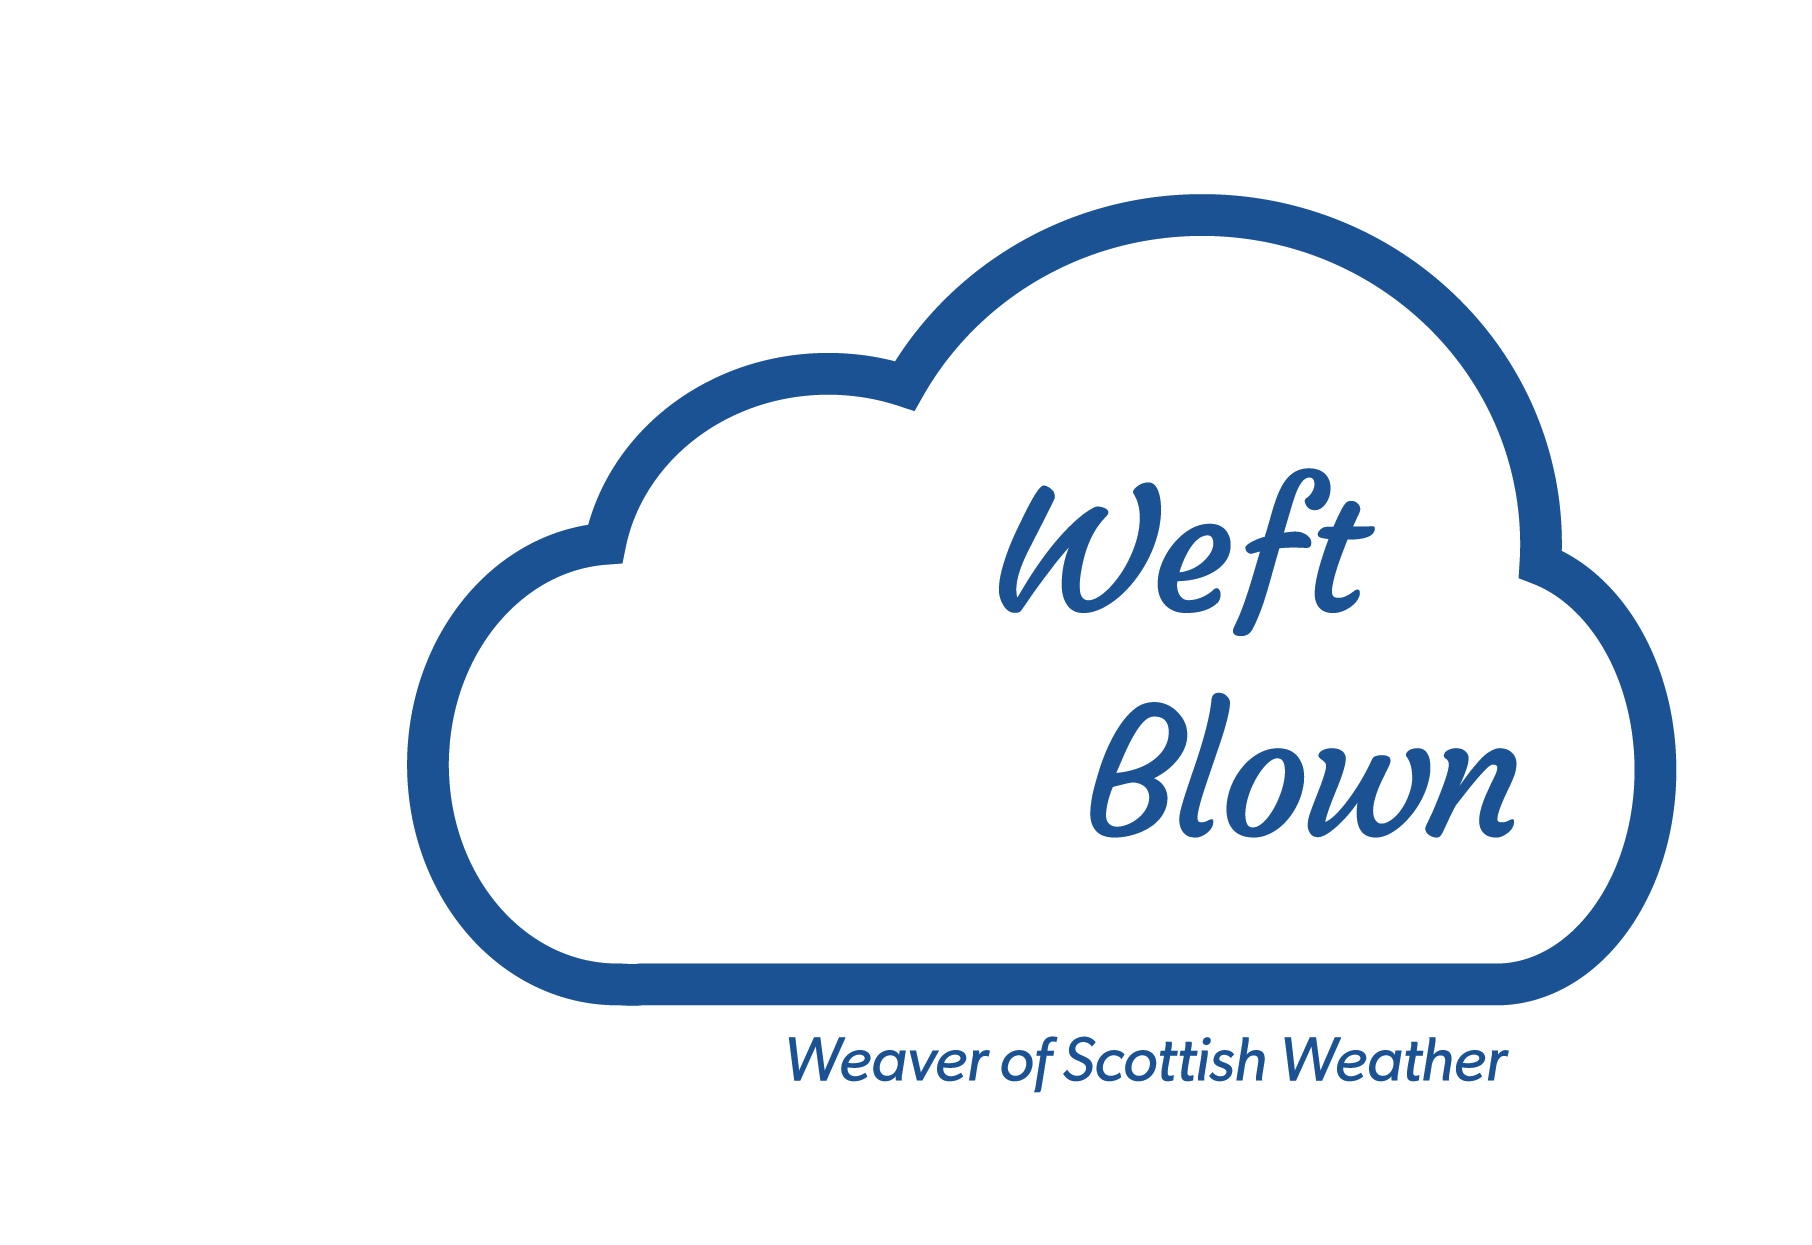 Weft Blown